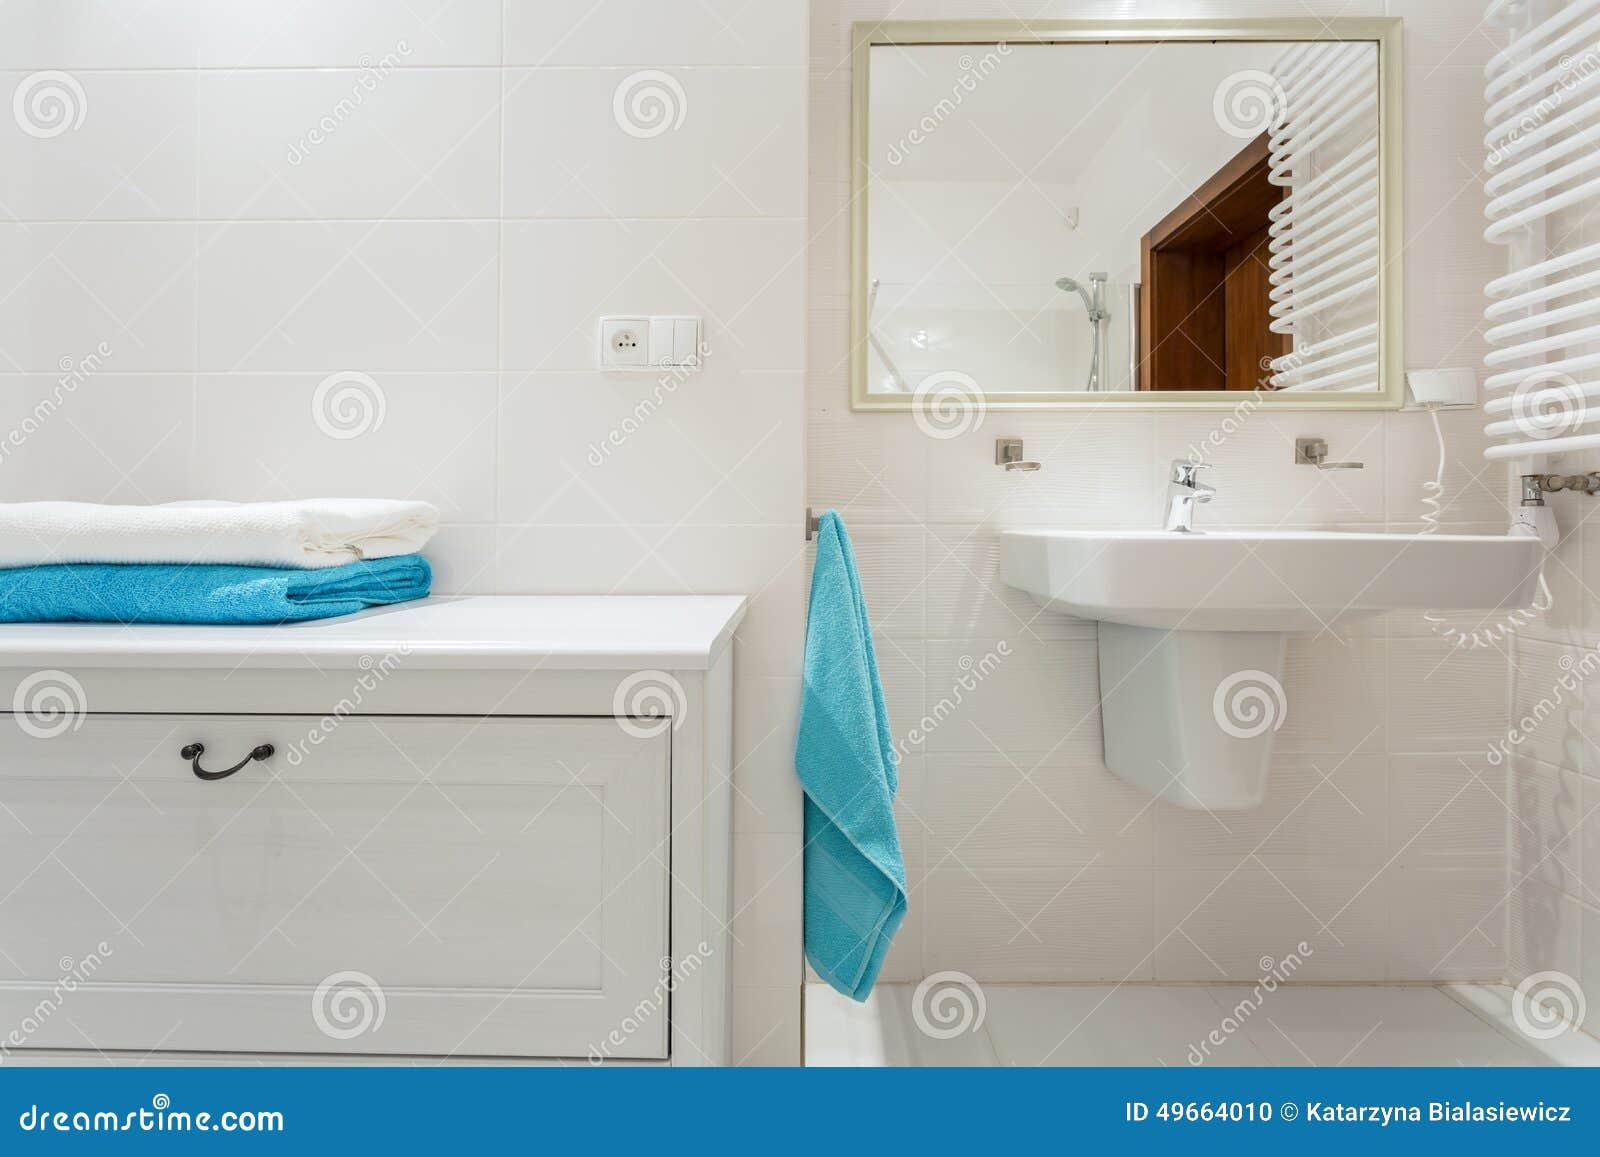 Полка в роскошной ванной комнате